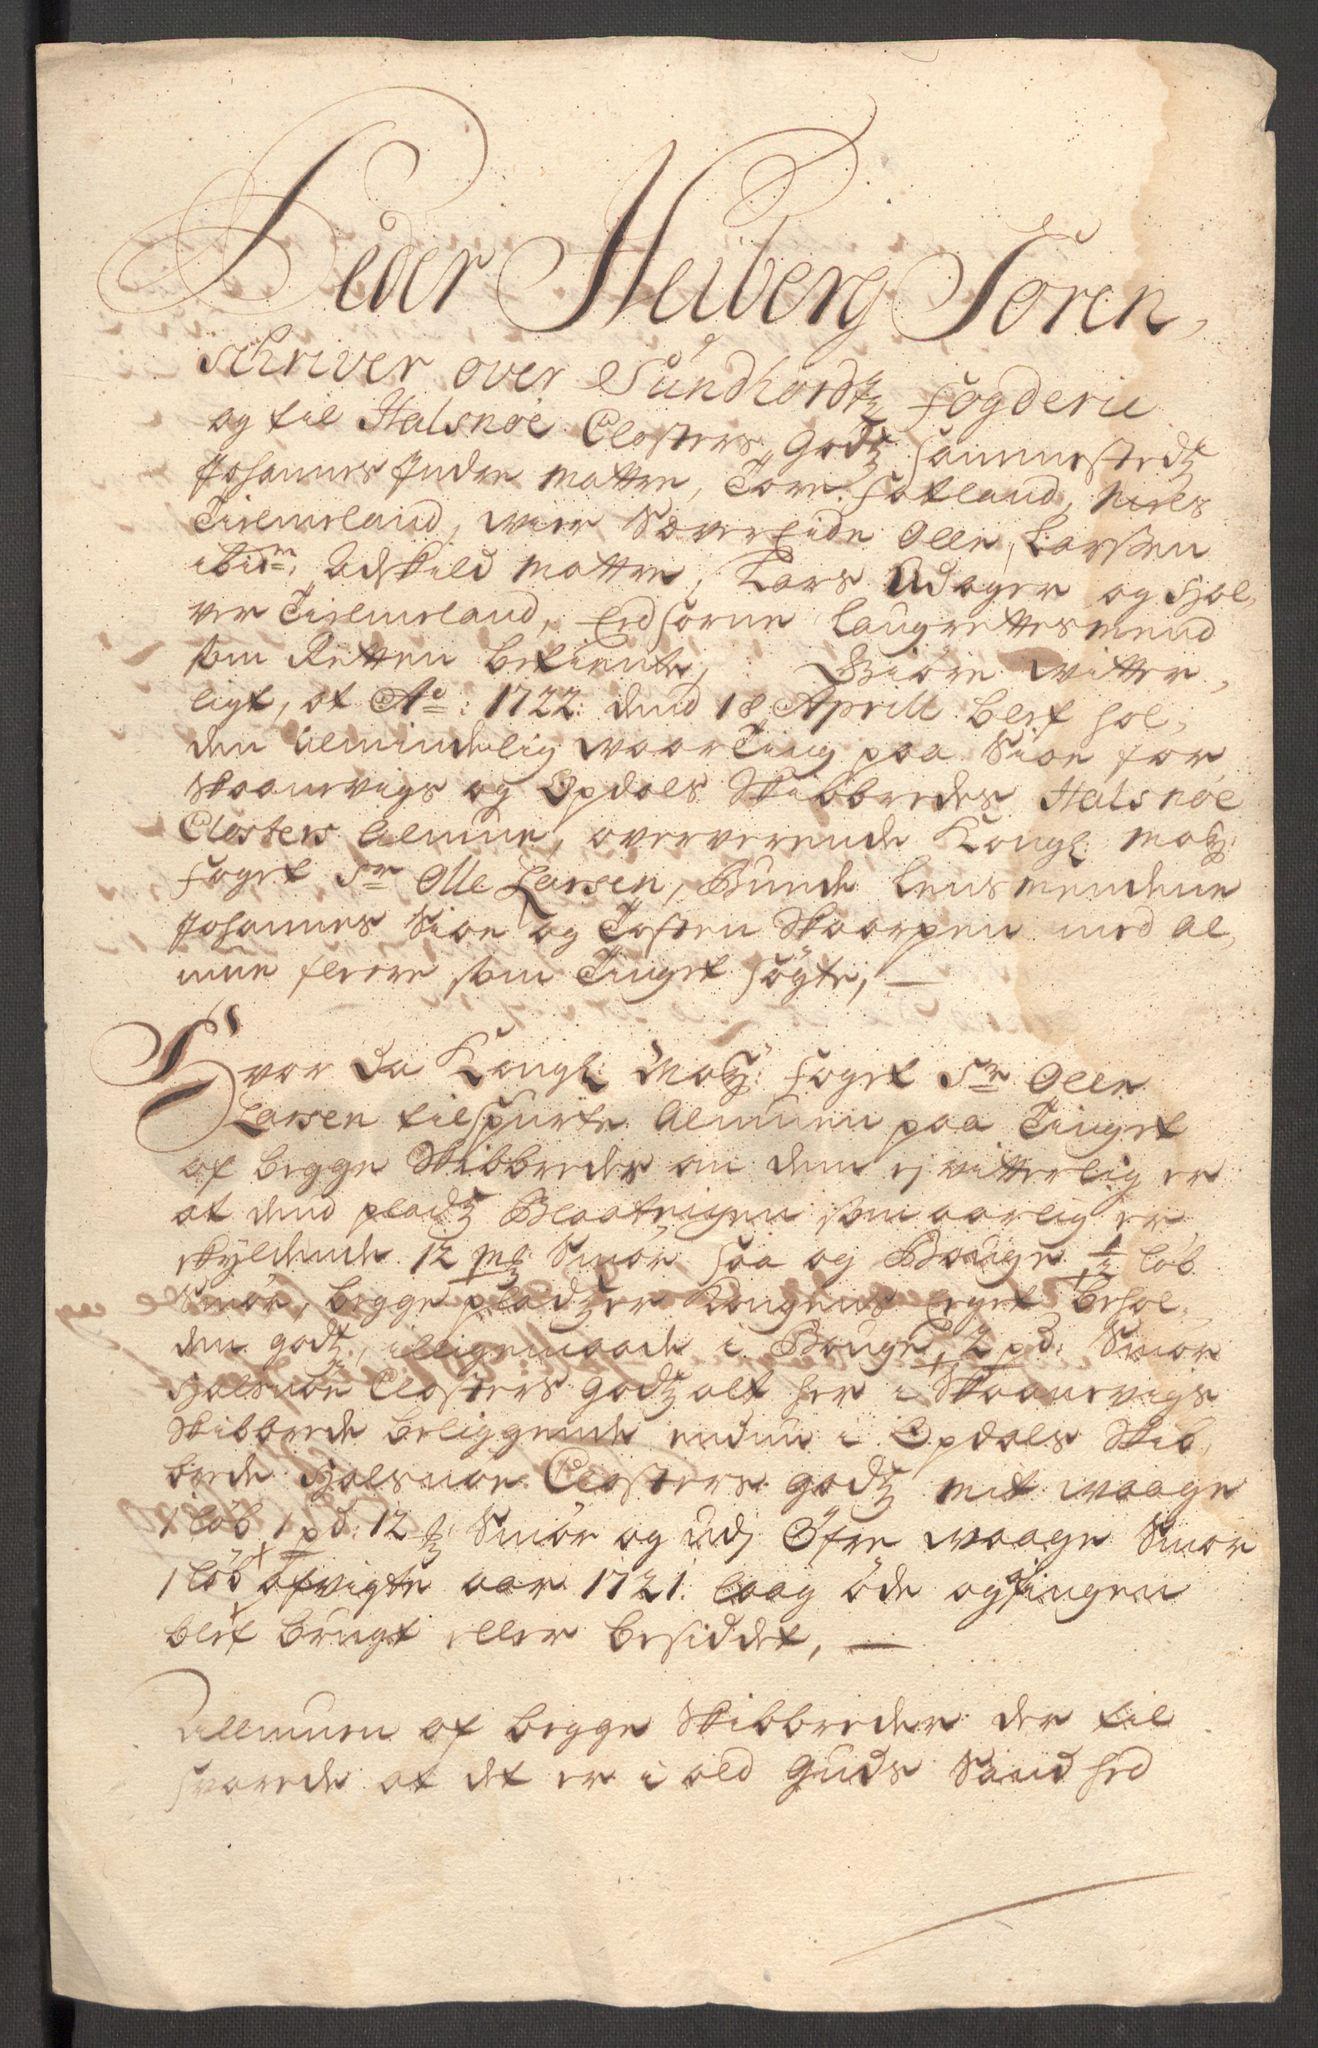 RA, Rentekammeret inntil 1814, Reviderte regnskaper, Fogderegnskap, R48/L3000: Fogderegnskap Sunnhordland og Hardanger, 1721, s. 397